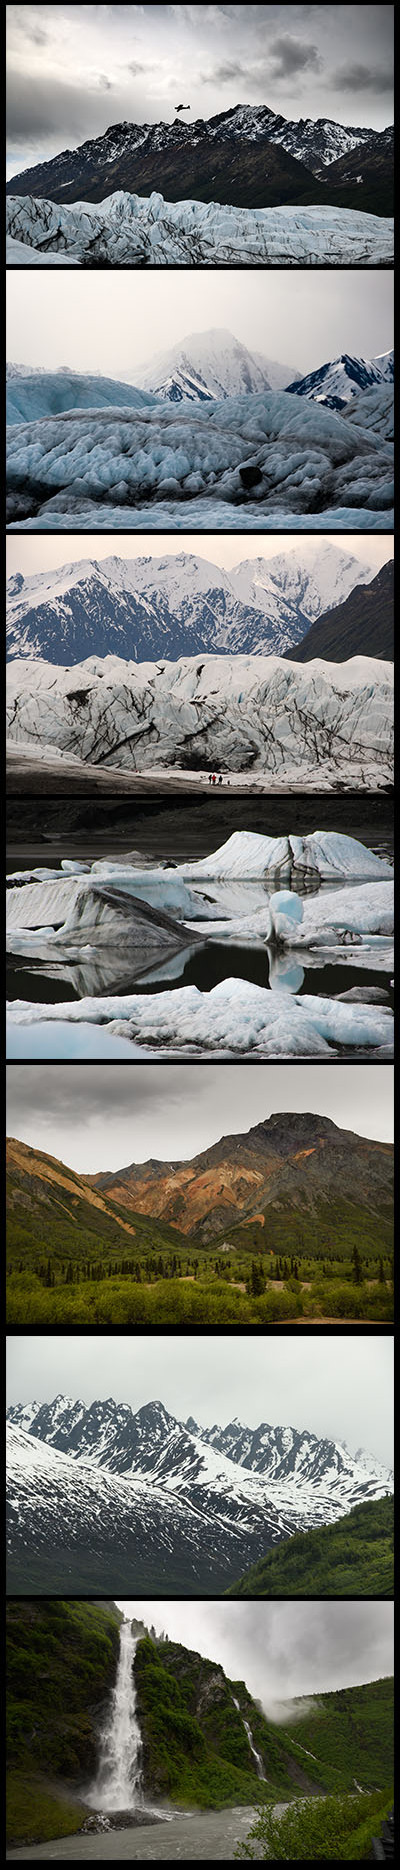 Hintergundstreifen-Glacier.jpg